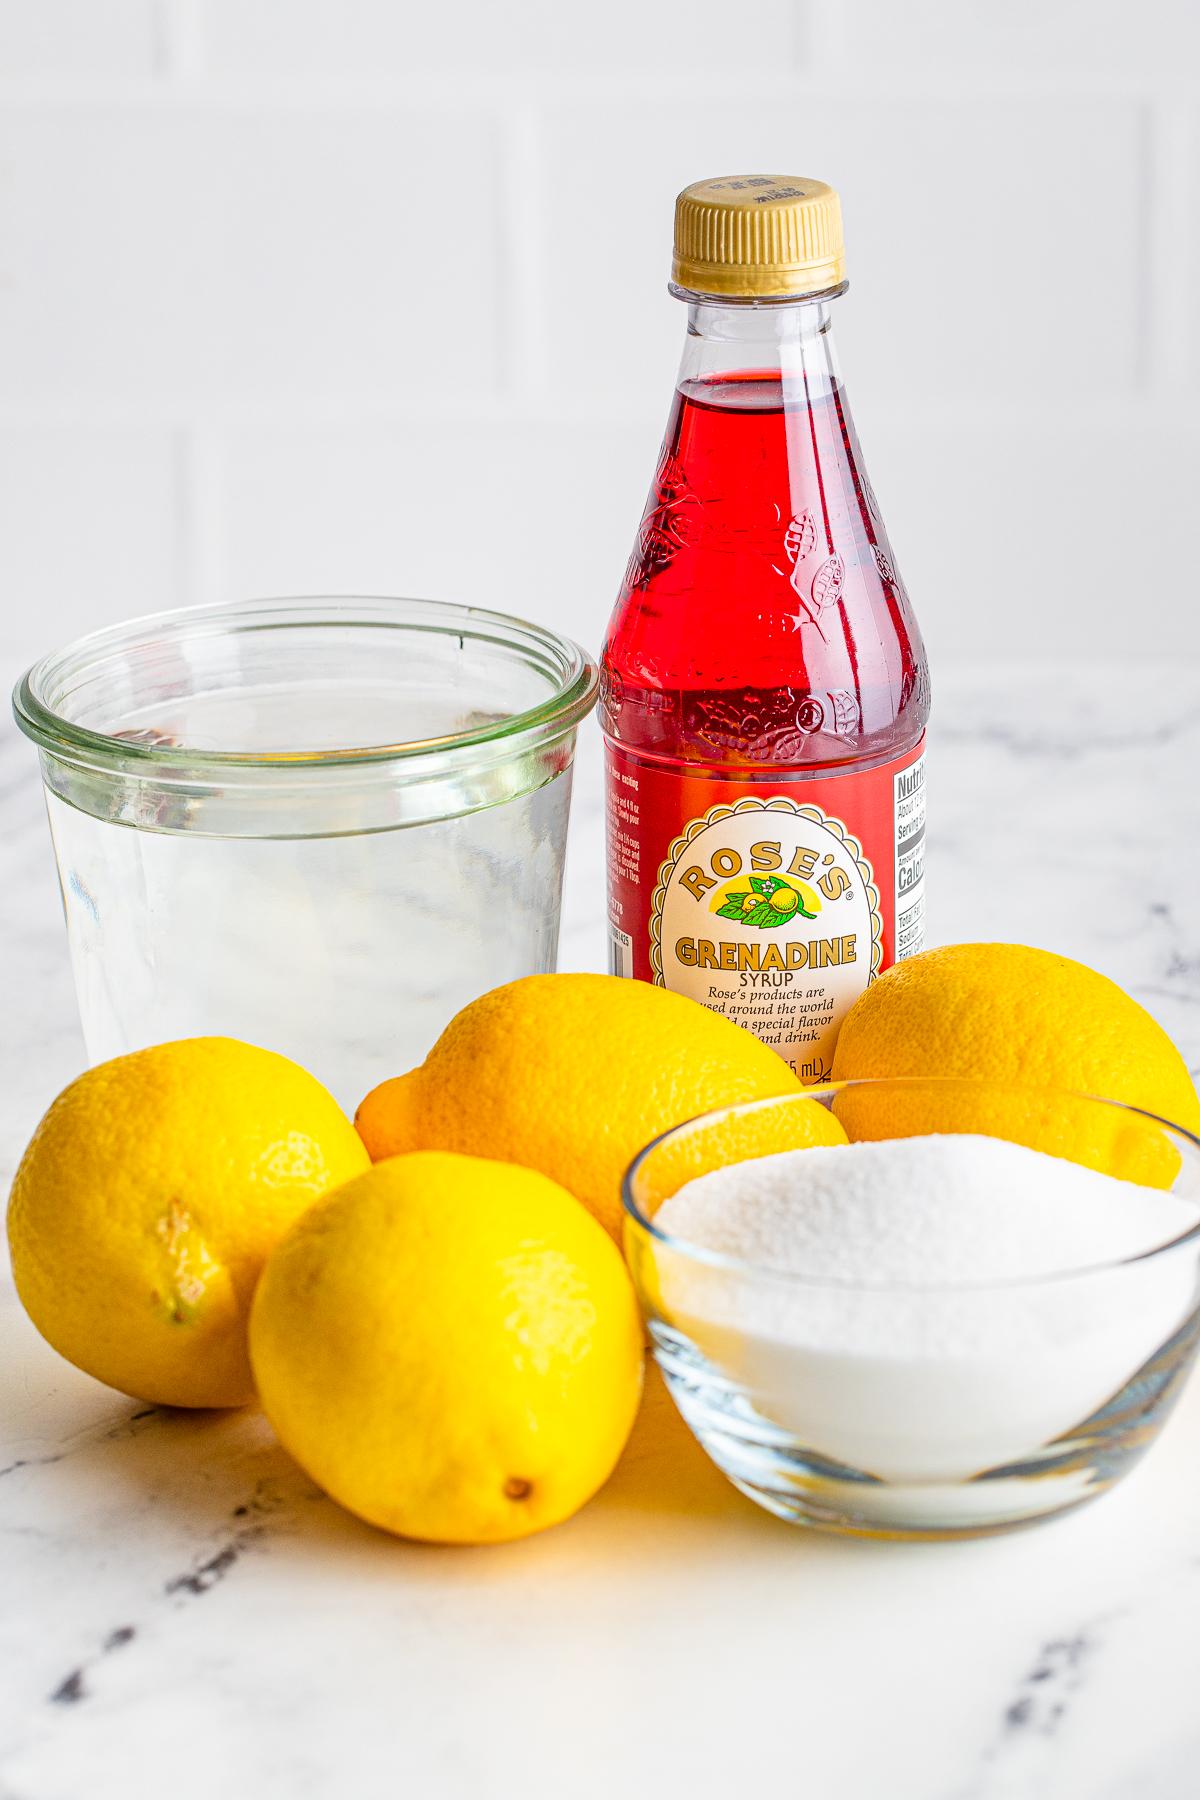 Ingredients needed to make pink lemonade